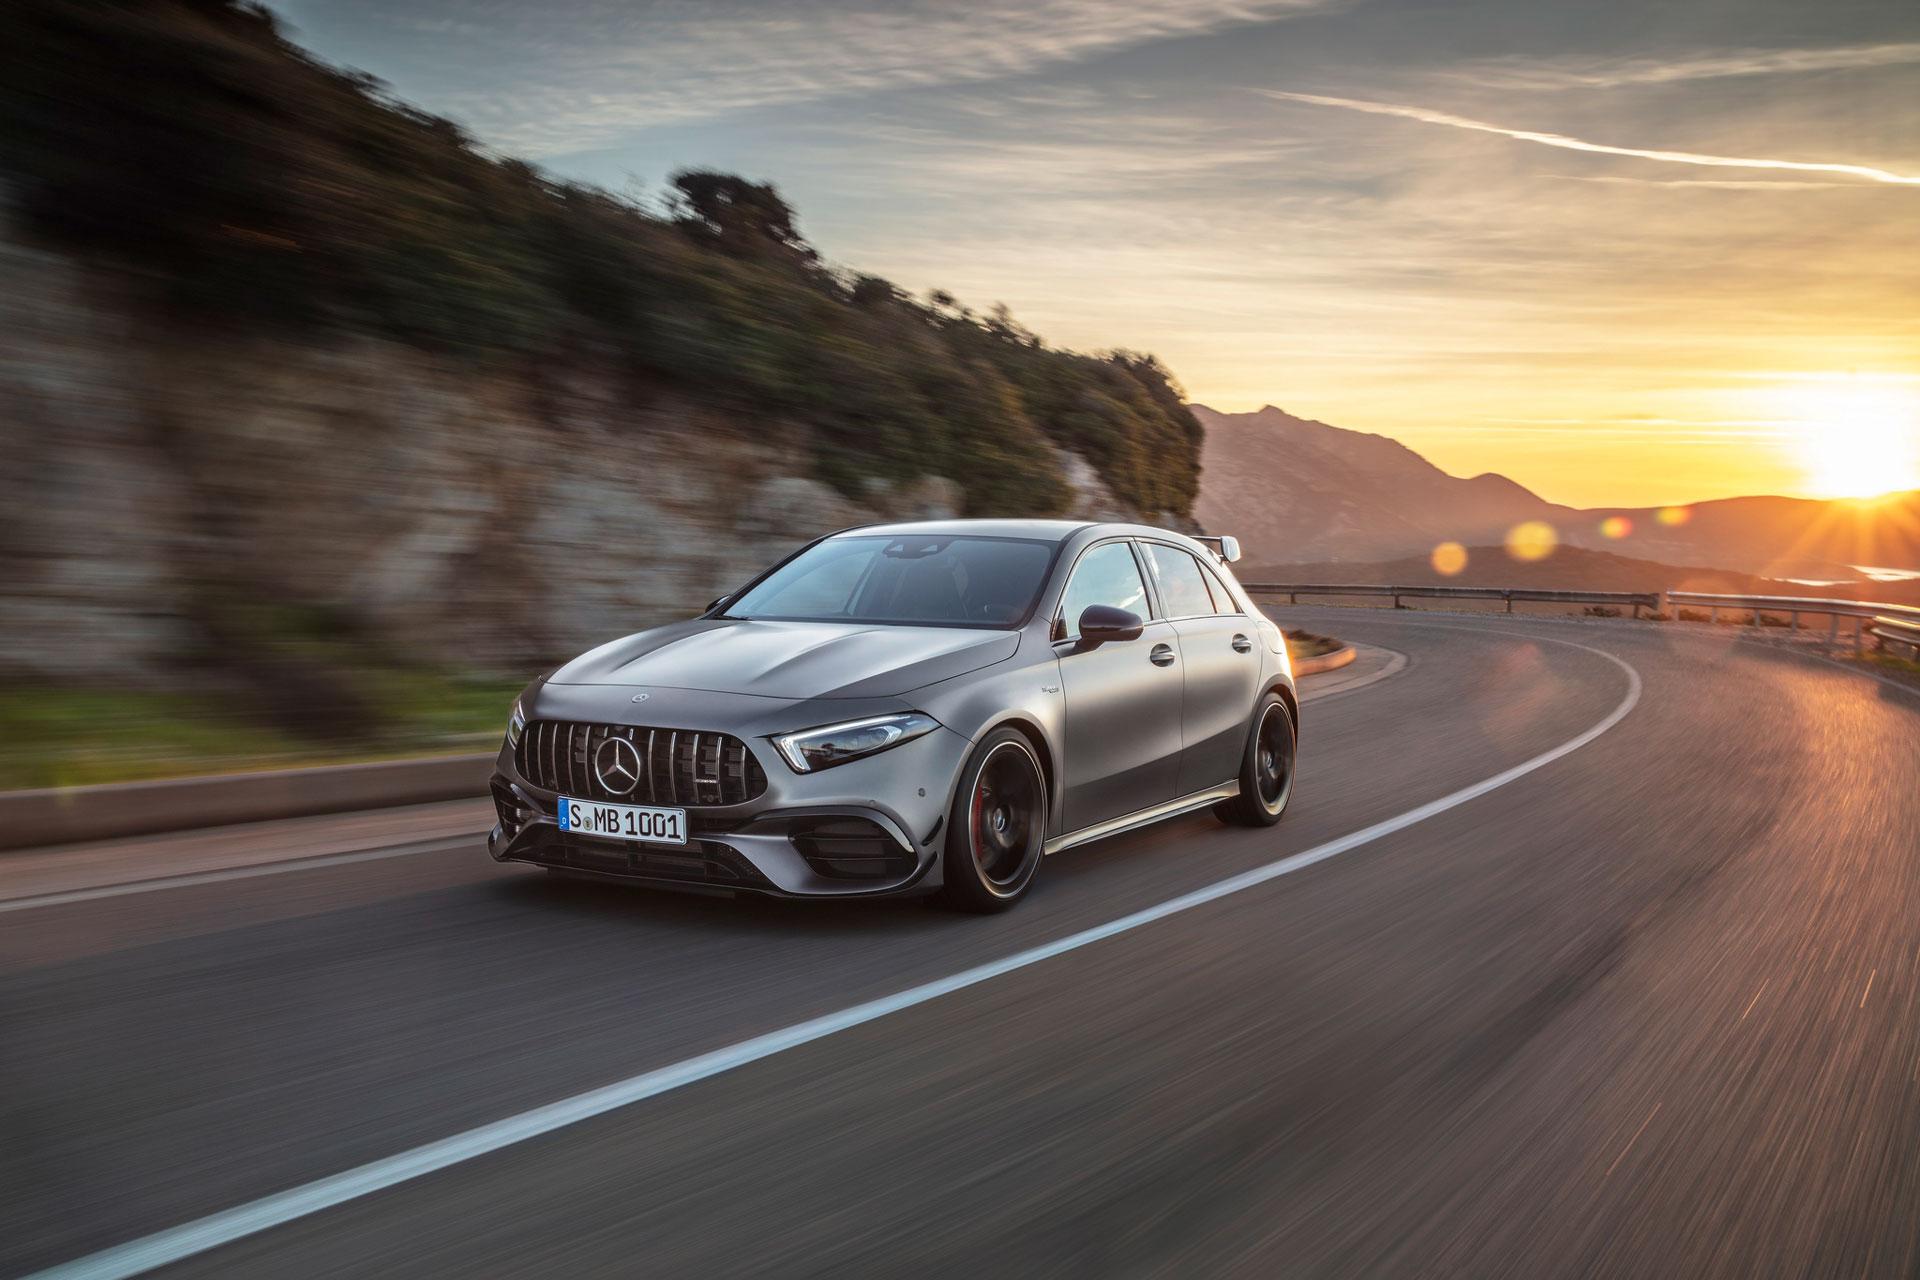 Новий Mercedes-AMG A 45 4MATIC +: рекордний рівень жорсткості кузова